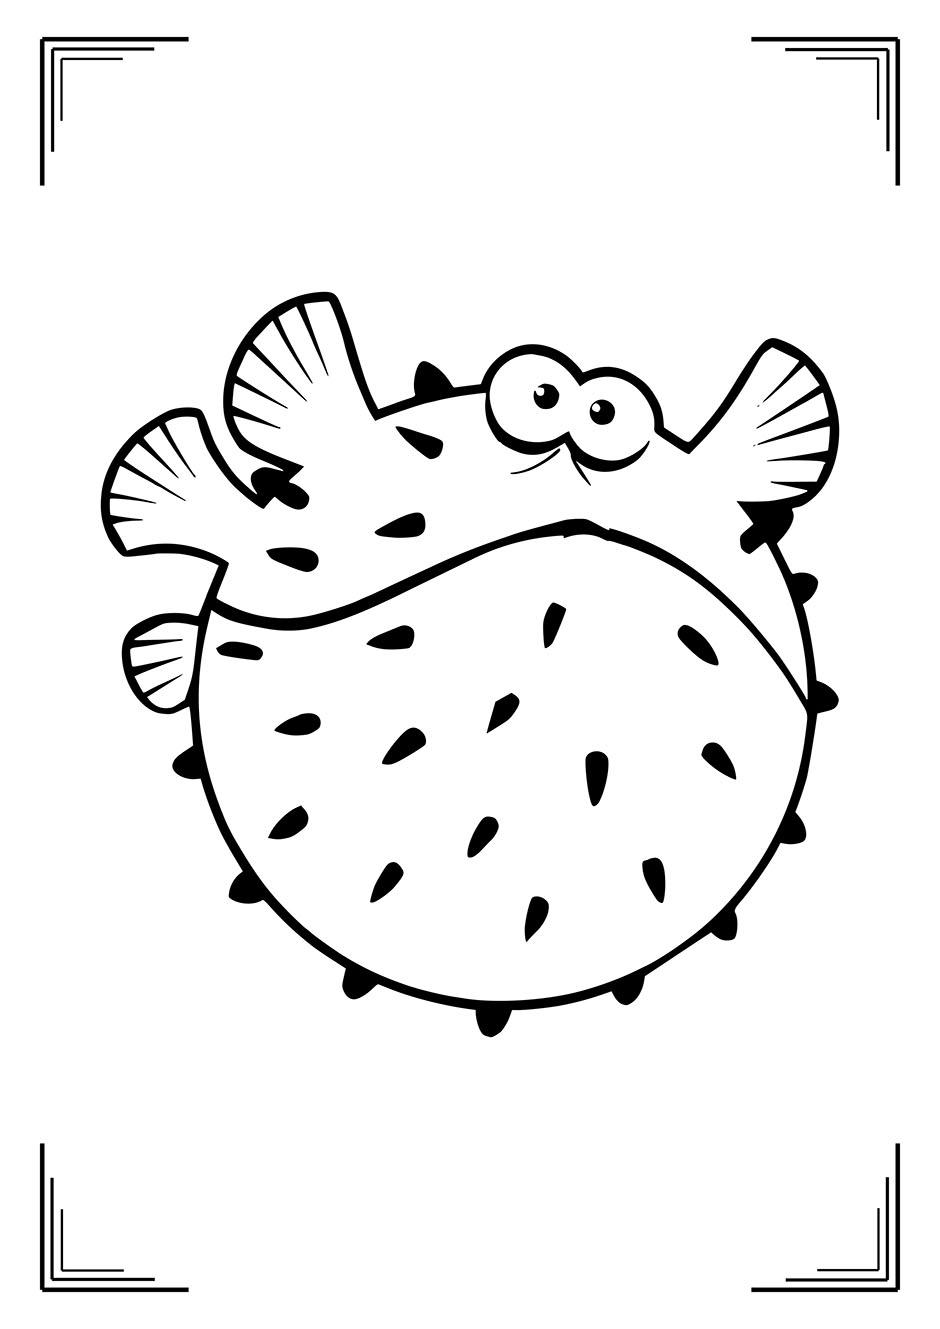 Раскраска: рыбка с шипами — raskraski-a4.ru